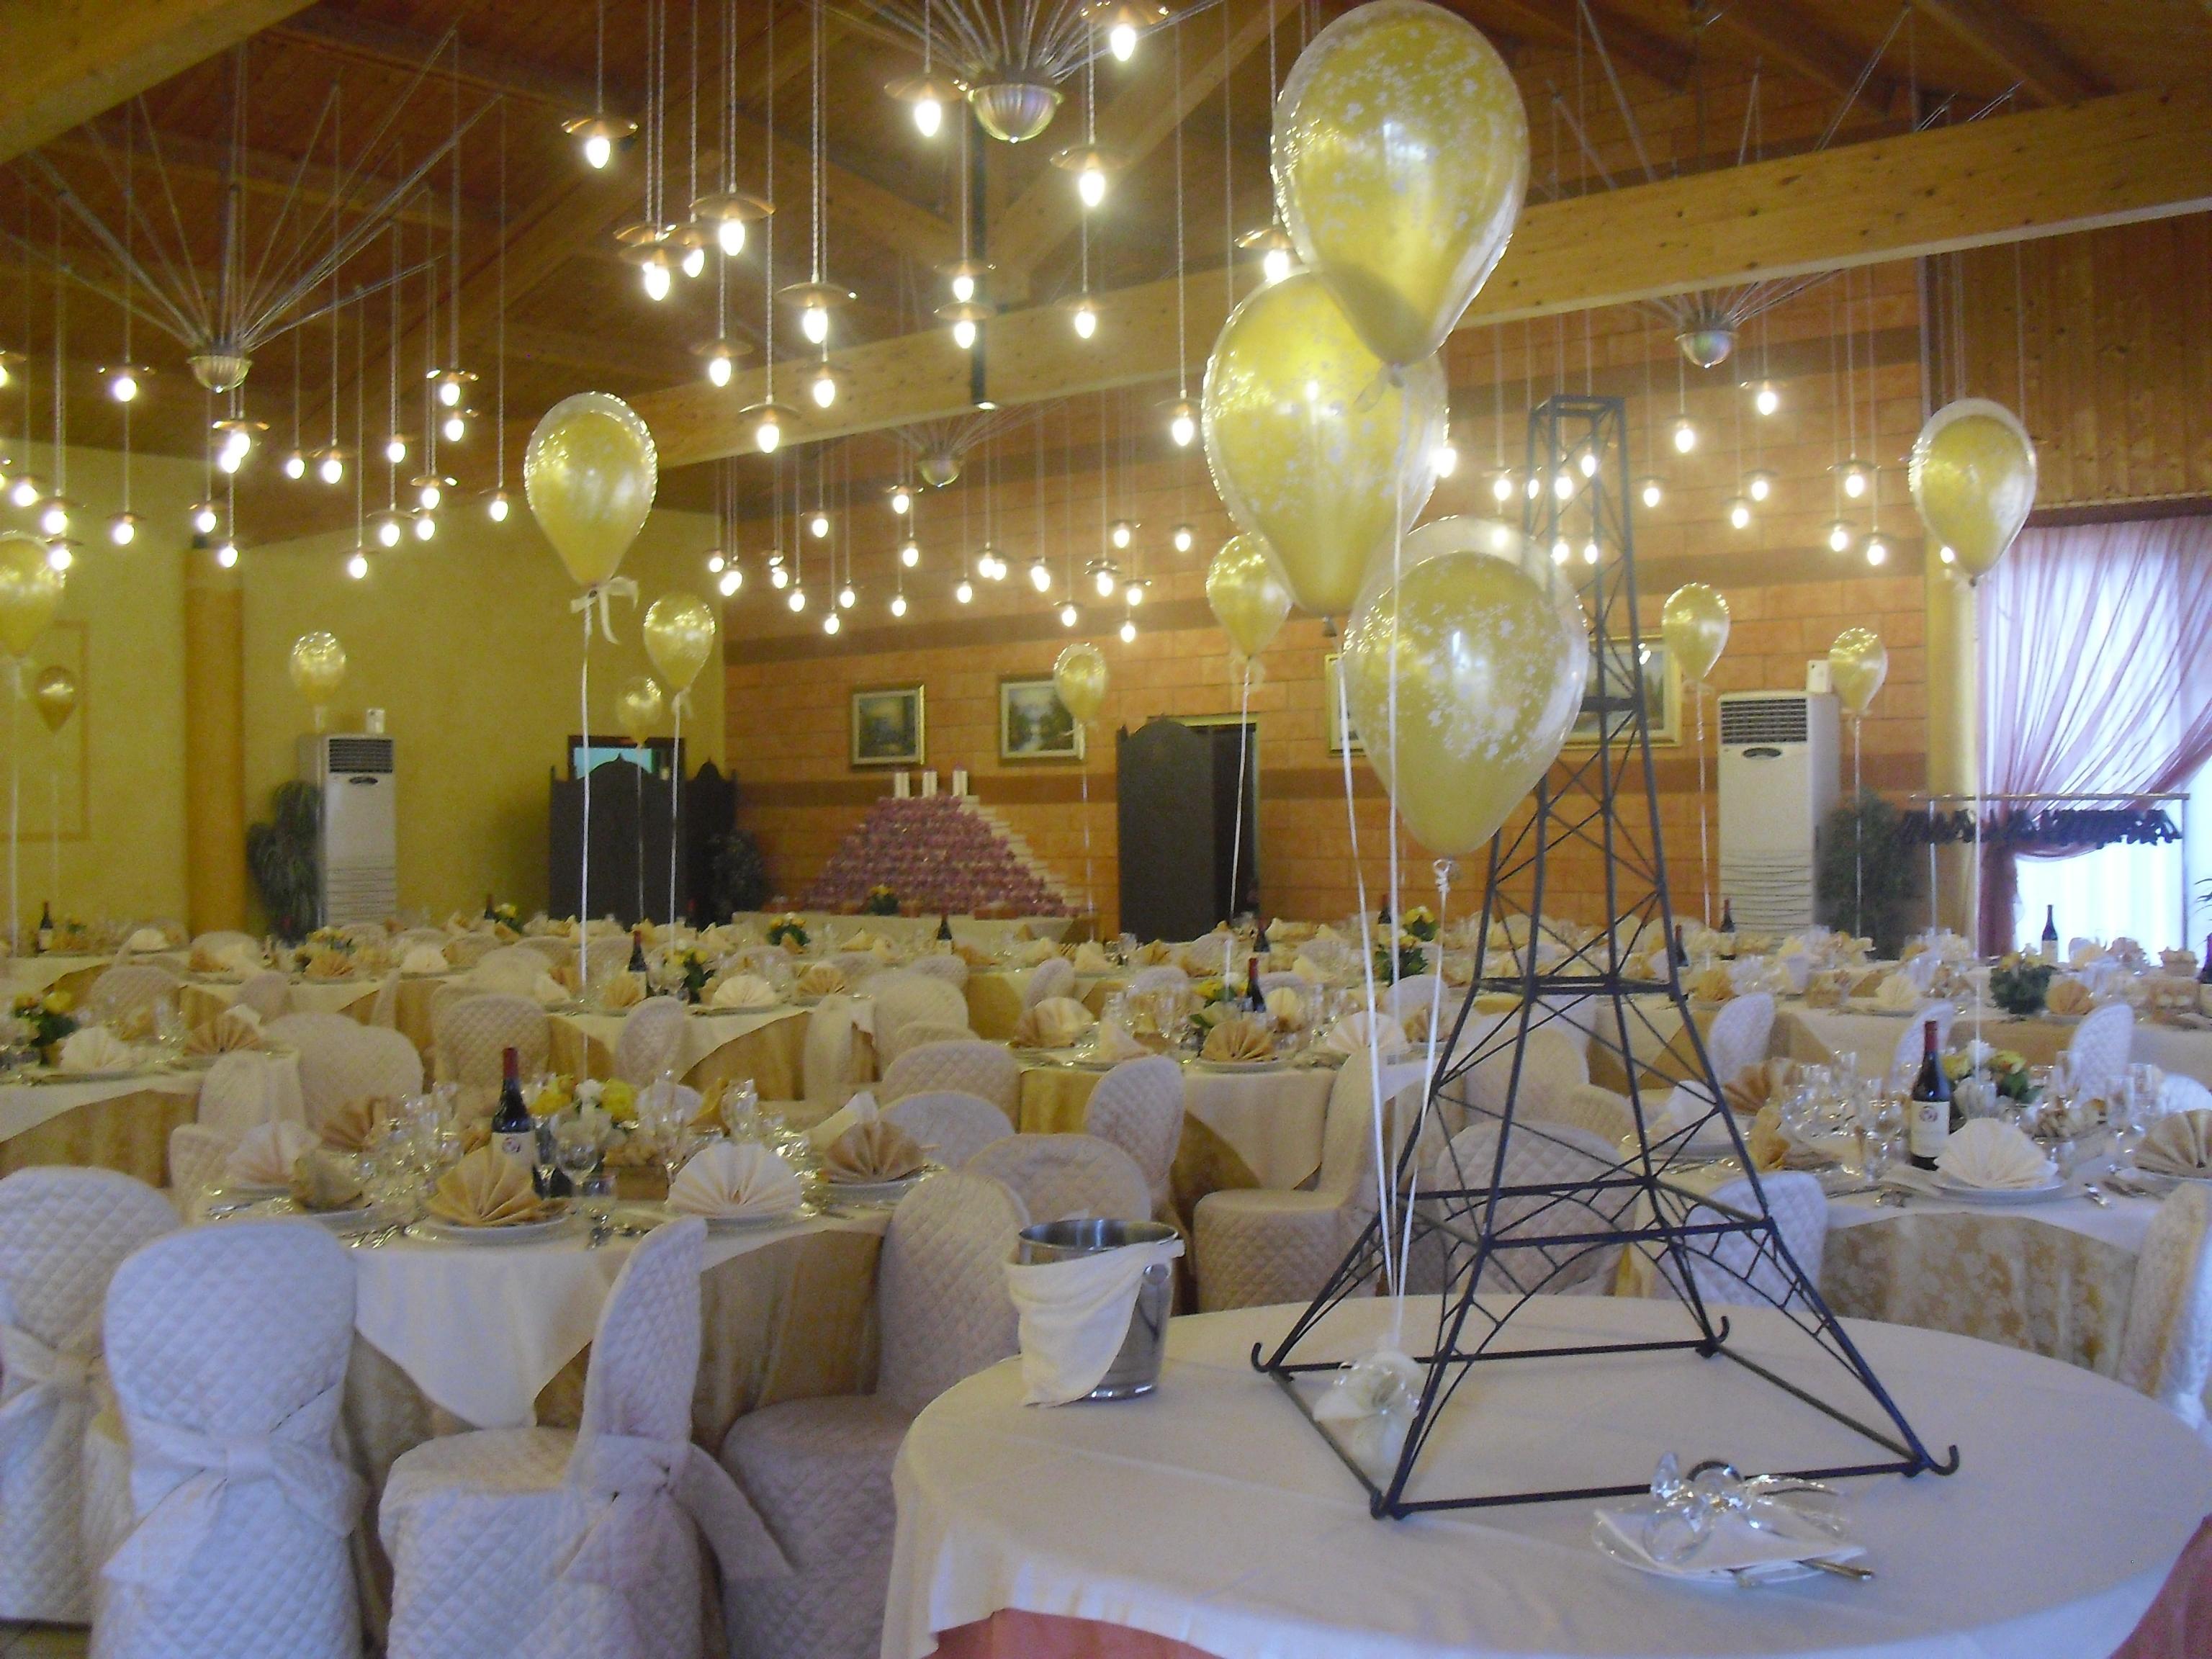 Allestimenti palloncini per matrimoni speciale sposi happy party - Addobbi sala matrimonio ...